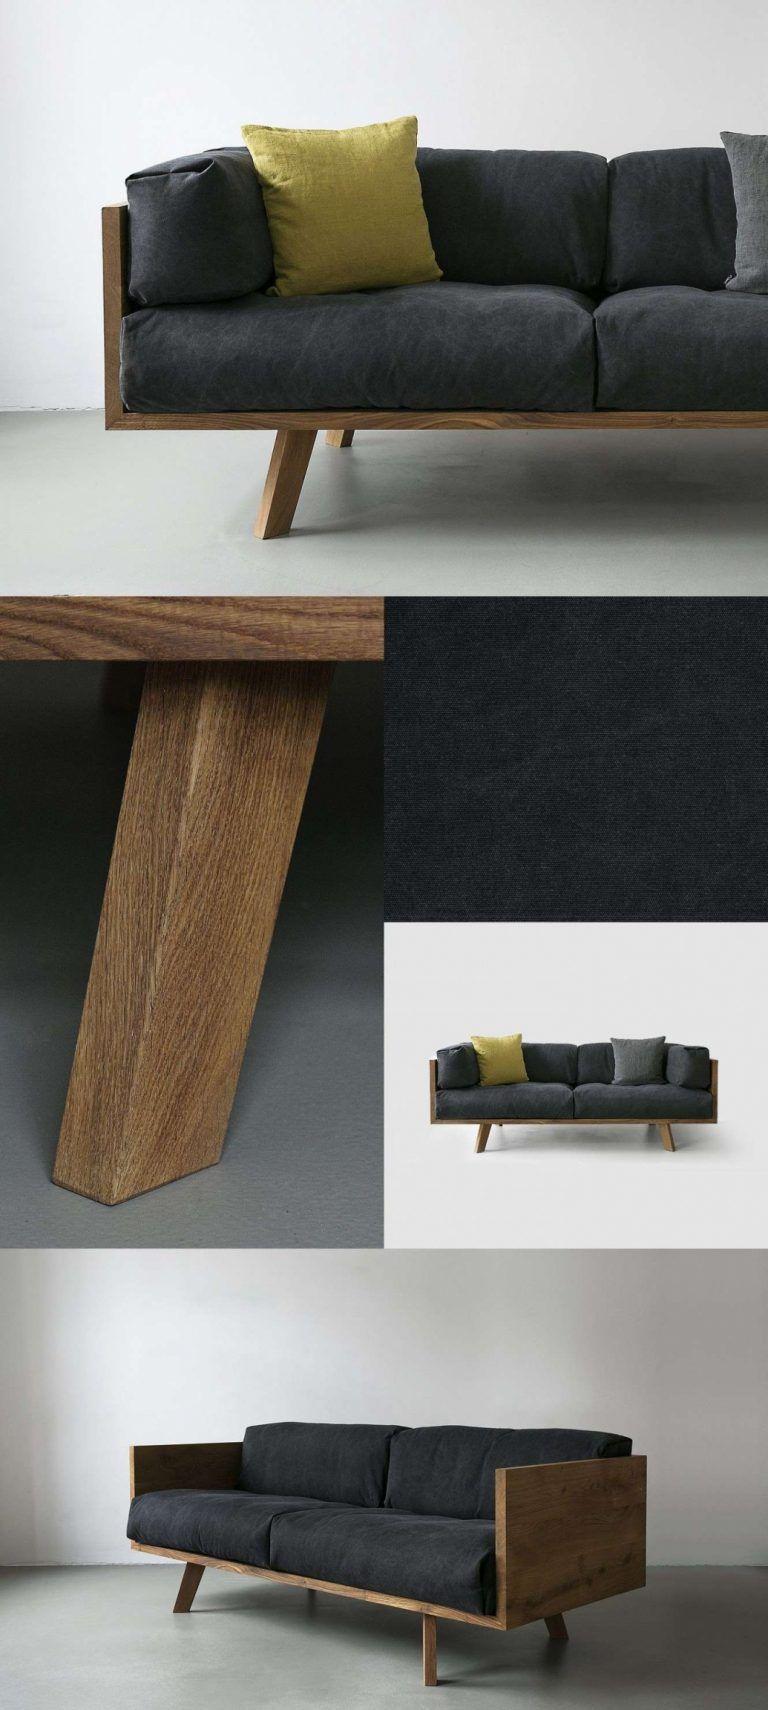 Luxus Bett 180x200 Holz Betten Holz Massiv Bett Holz Massiv Von Grte